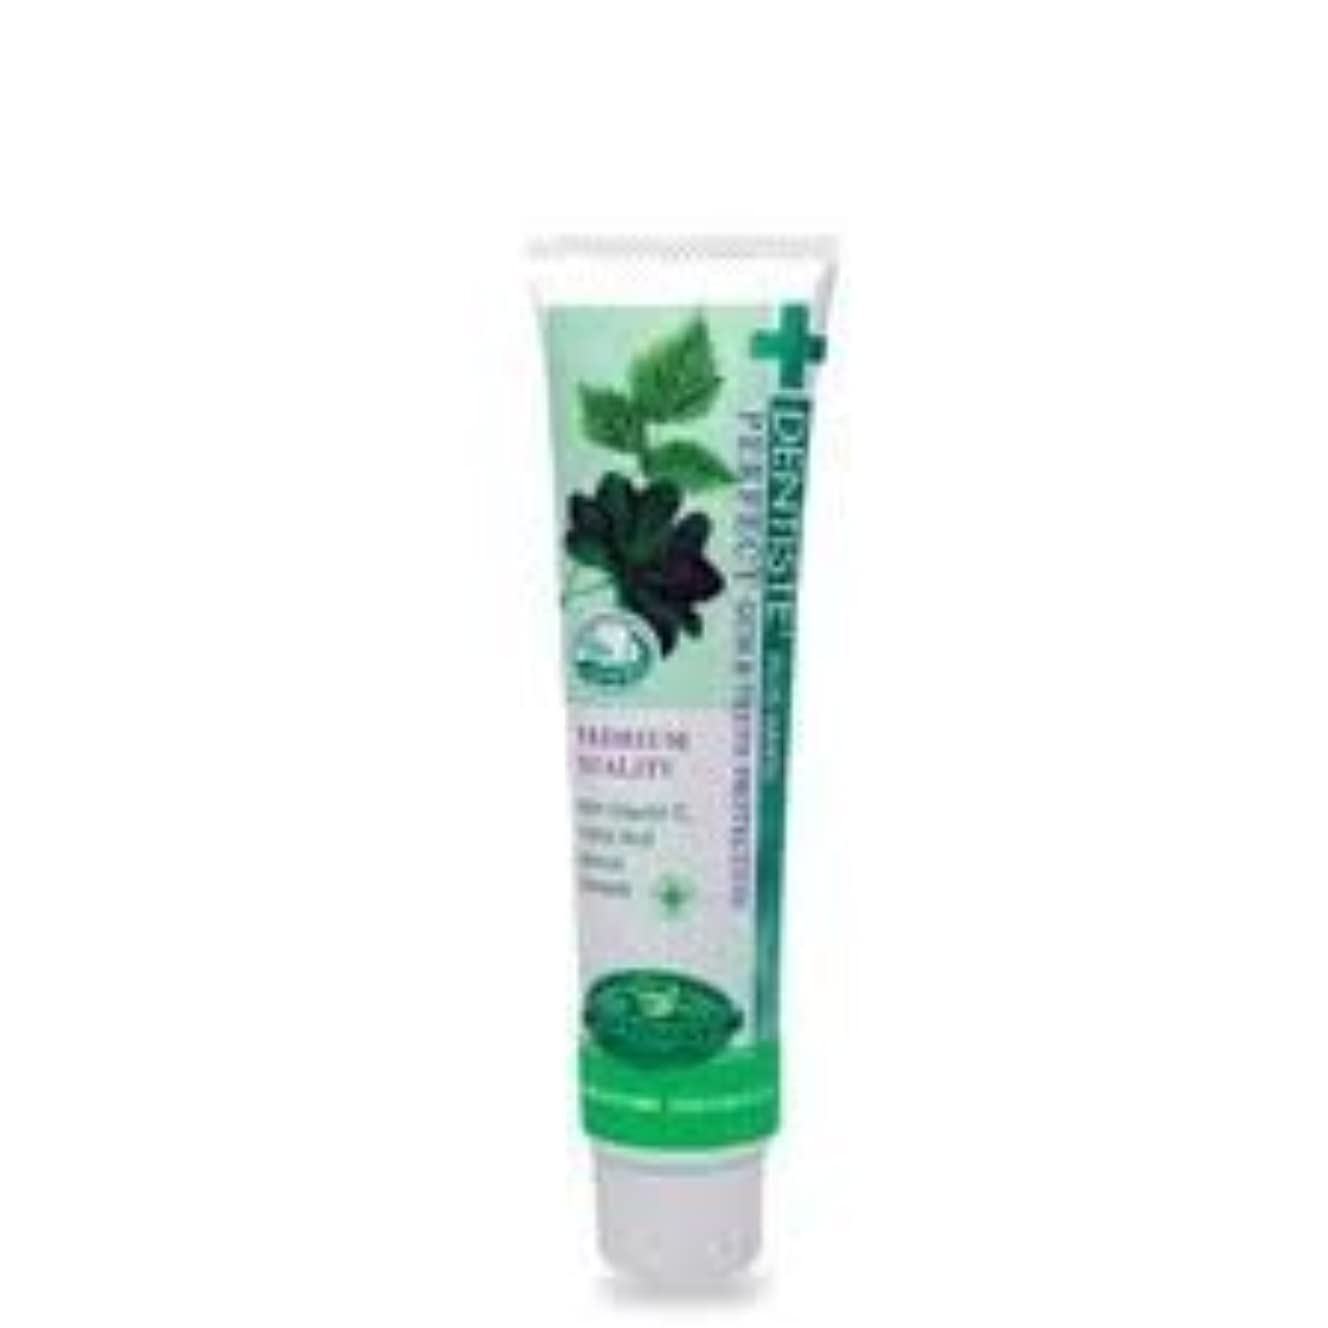 十分に毒液からかうDentiste Night Time Active Whitening Toothpaste 100 G Thailand Product by Dentiste